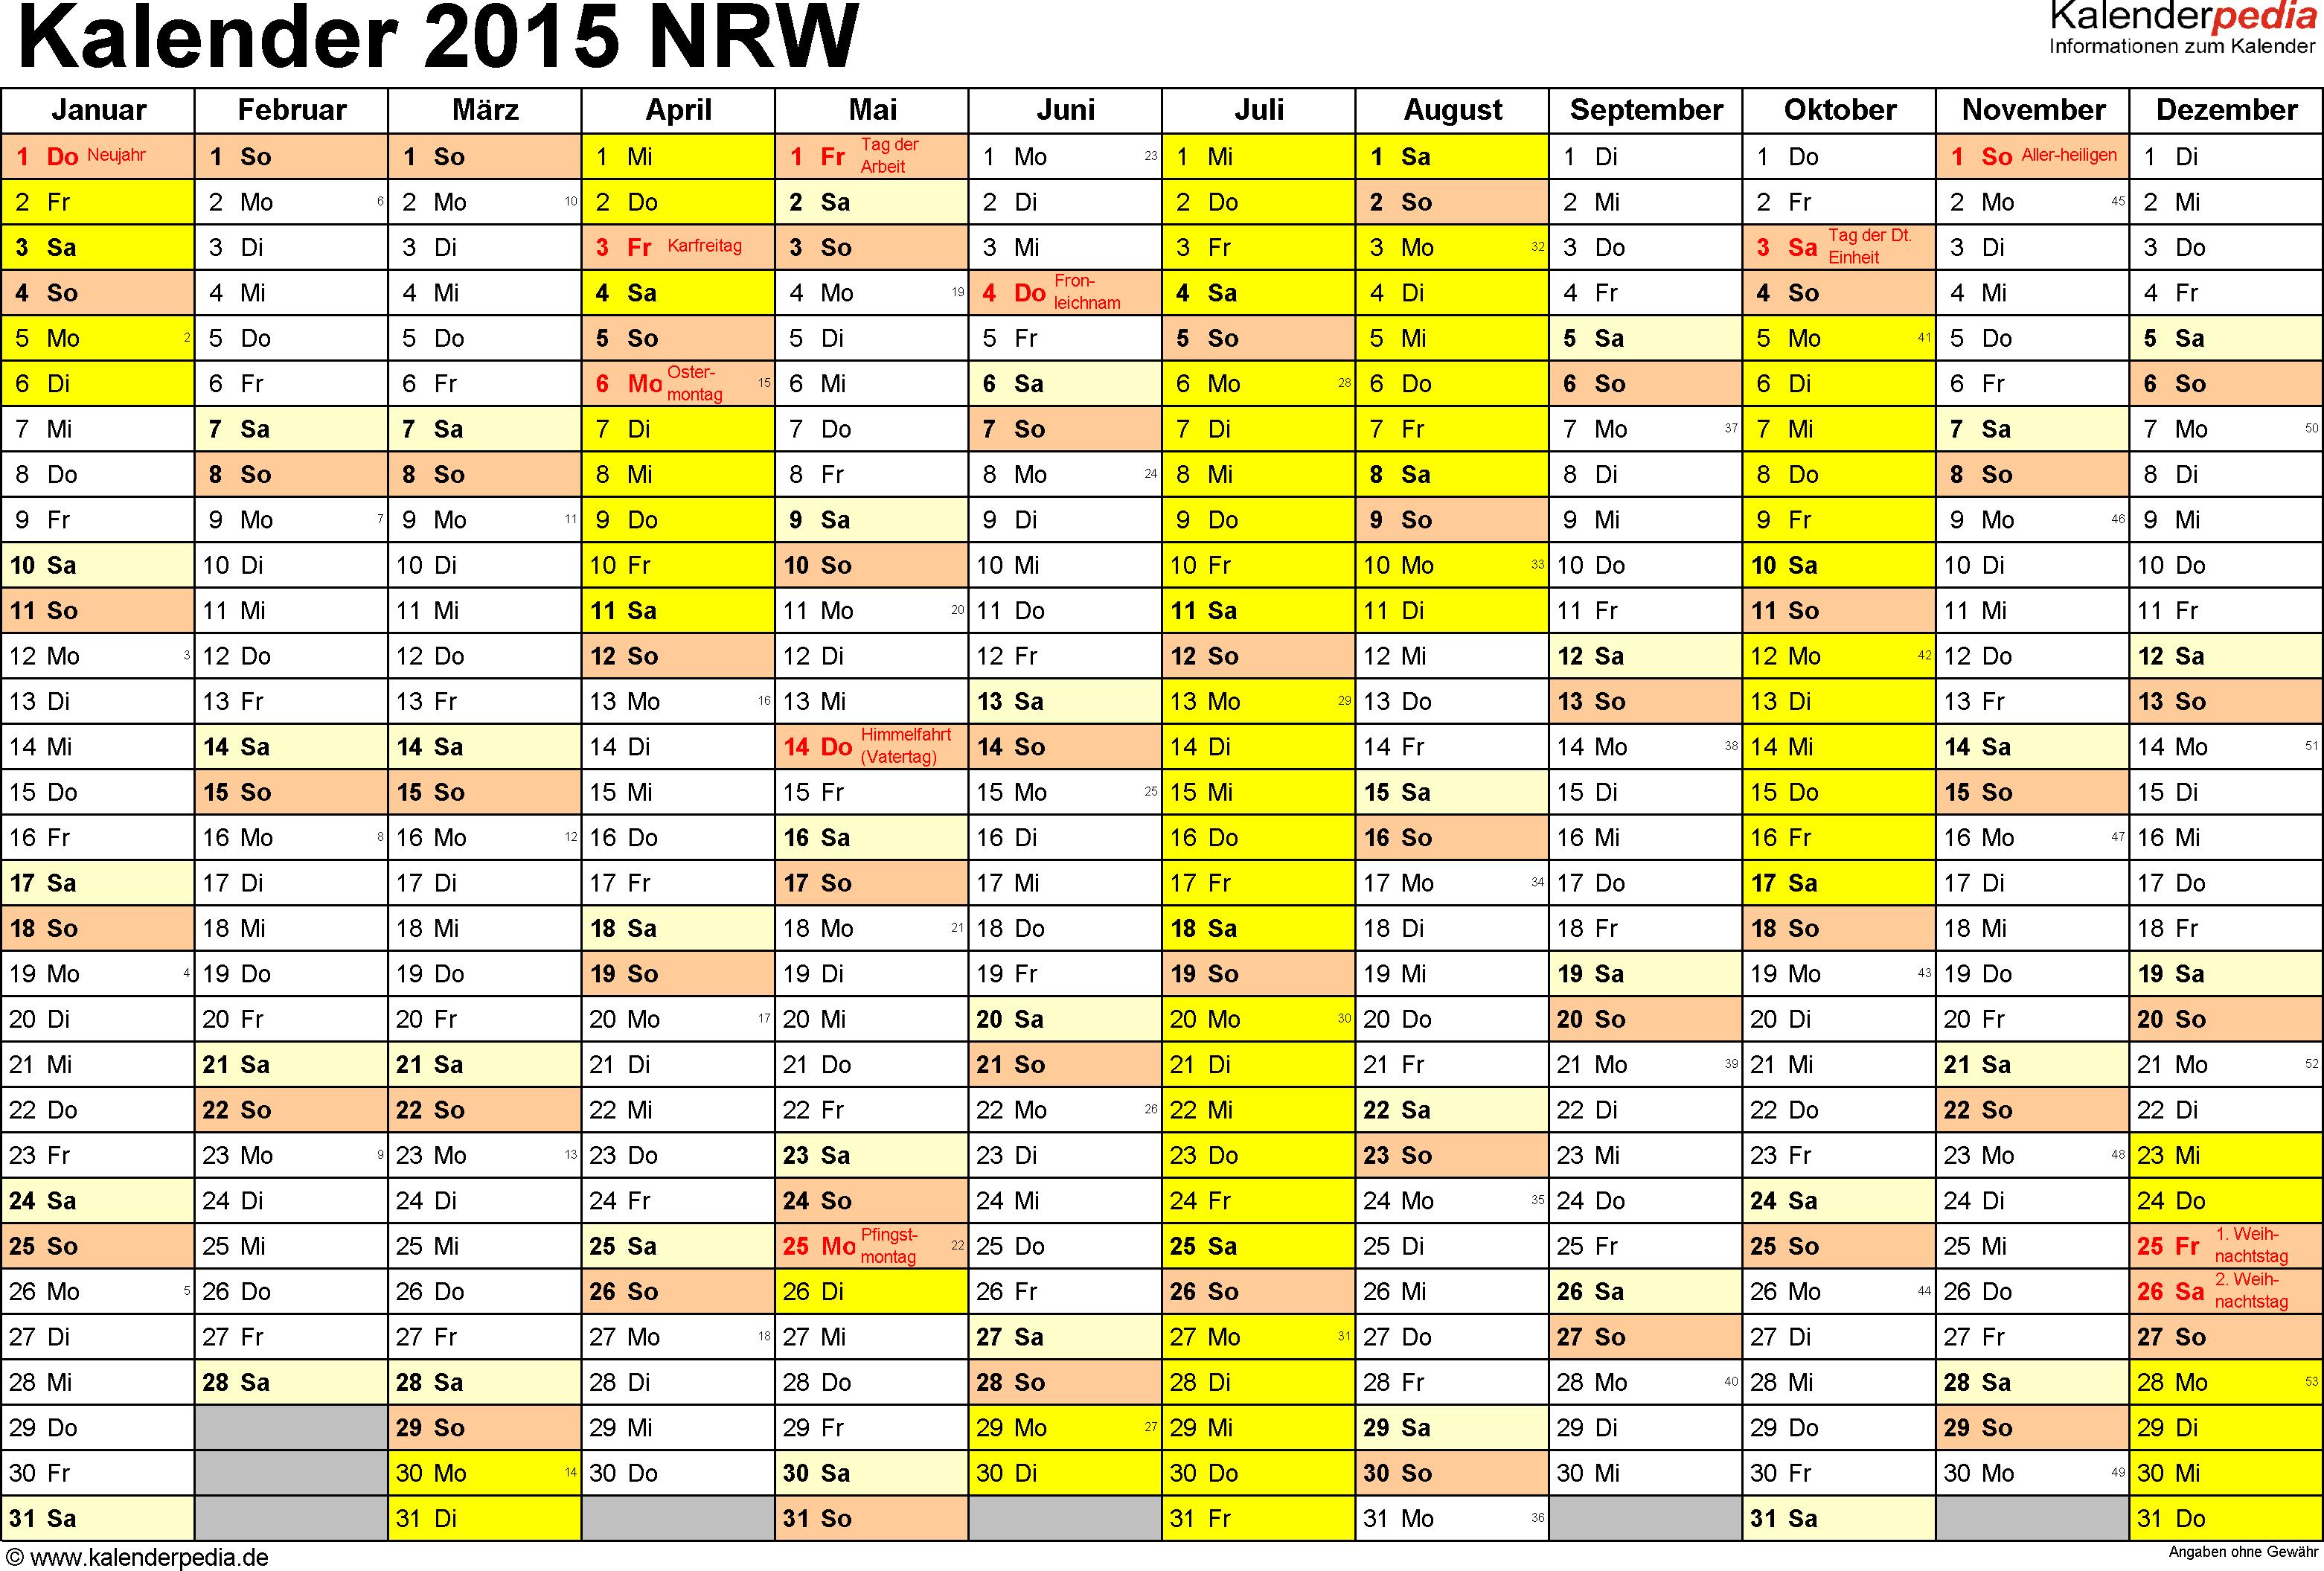 Vorlage 1: Kalender 2015 für Nordrhein-Westfalen (NRW) als Word-Vorlage (Querformat, 1 Seite)